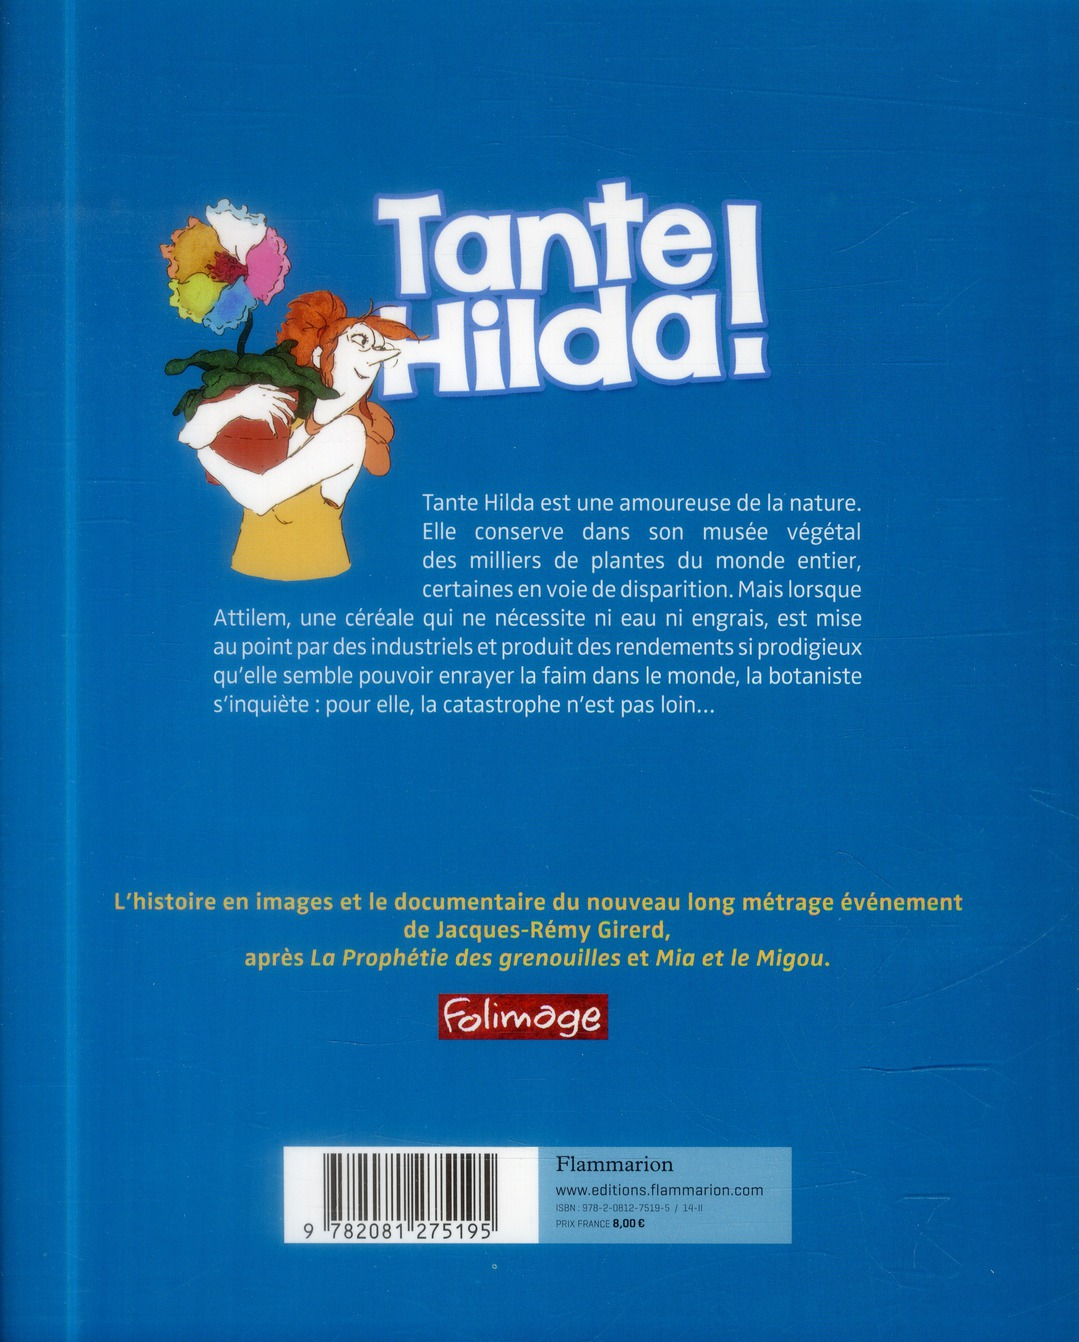 Tante Hilda ! la biodiversité et les OGM en questions